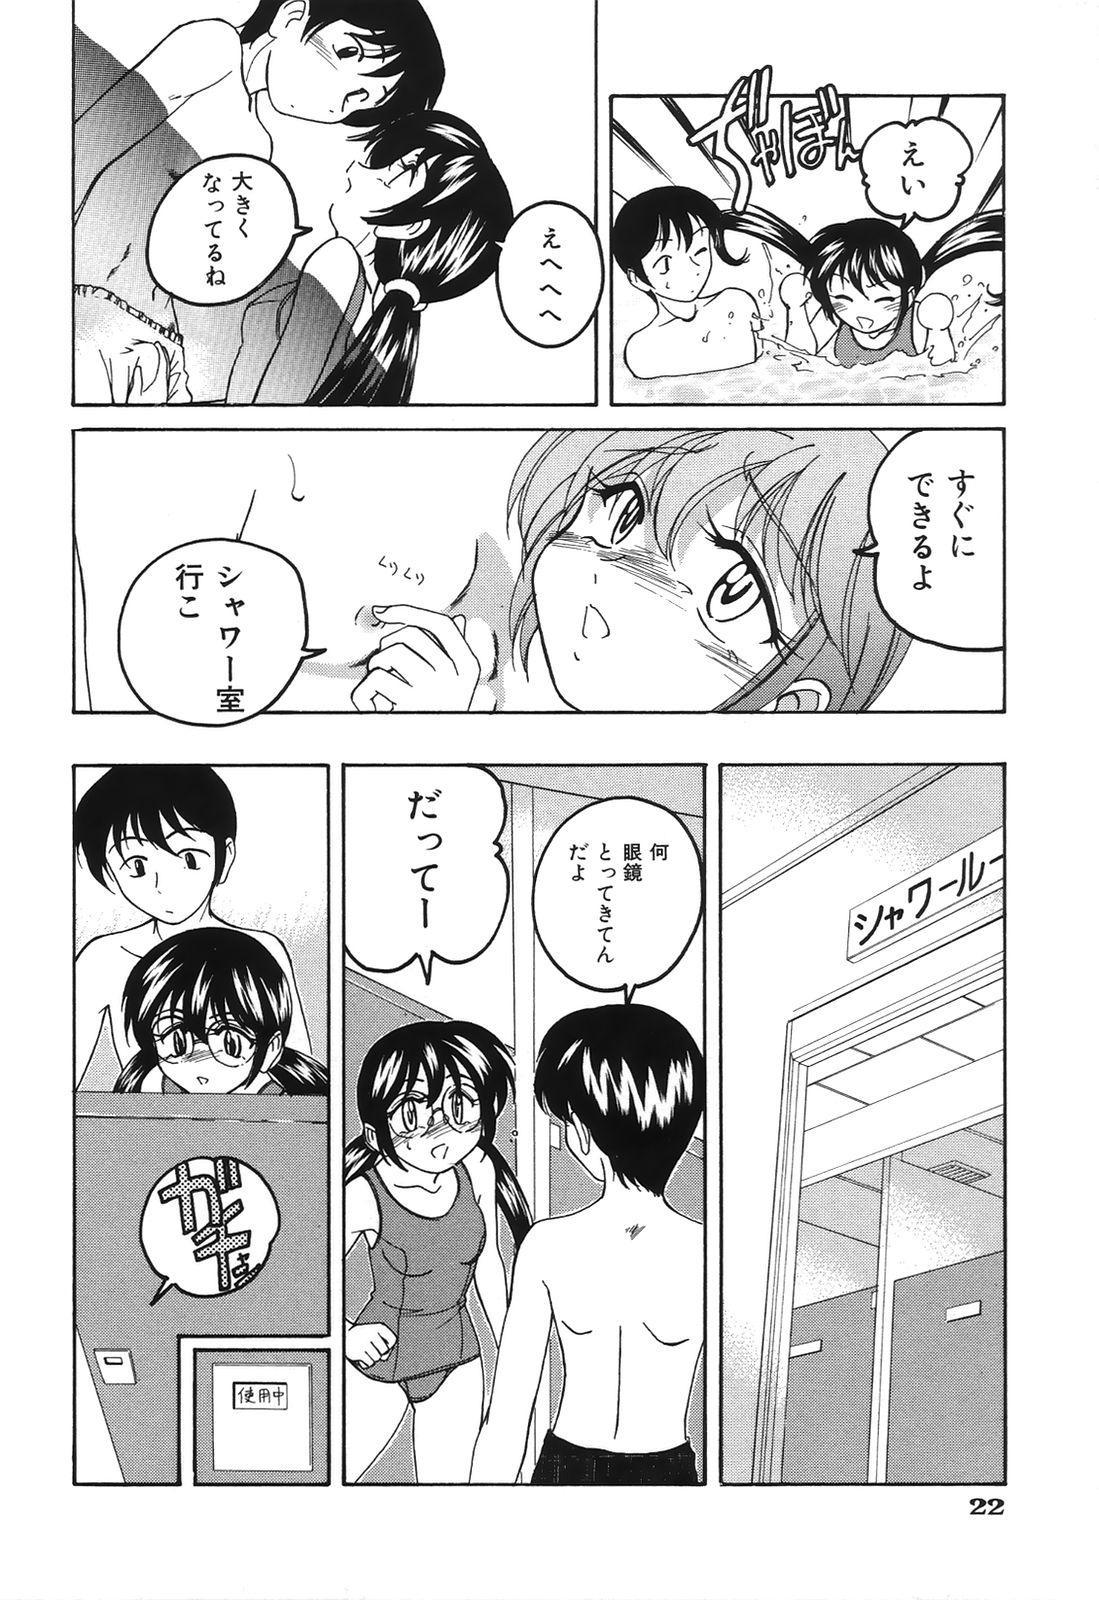 Omake No Musume 24